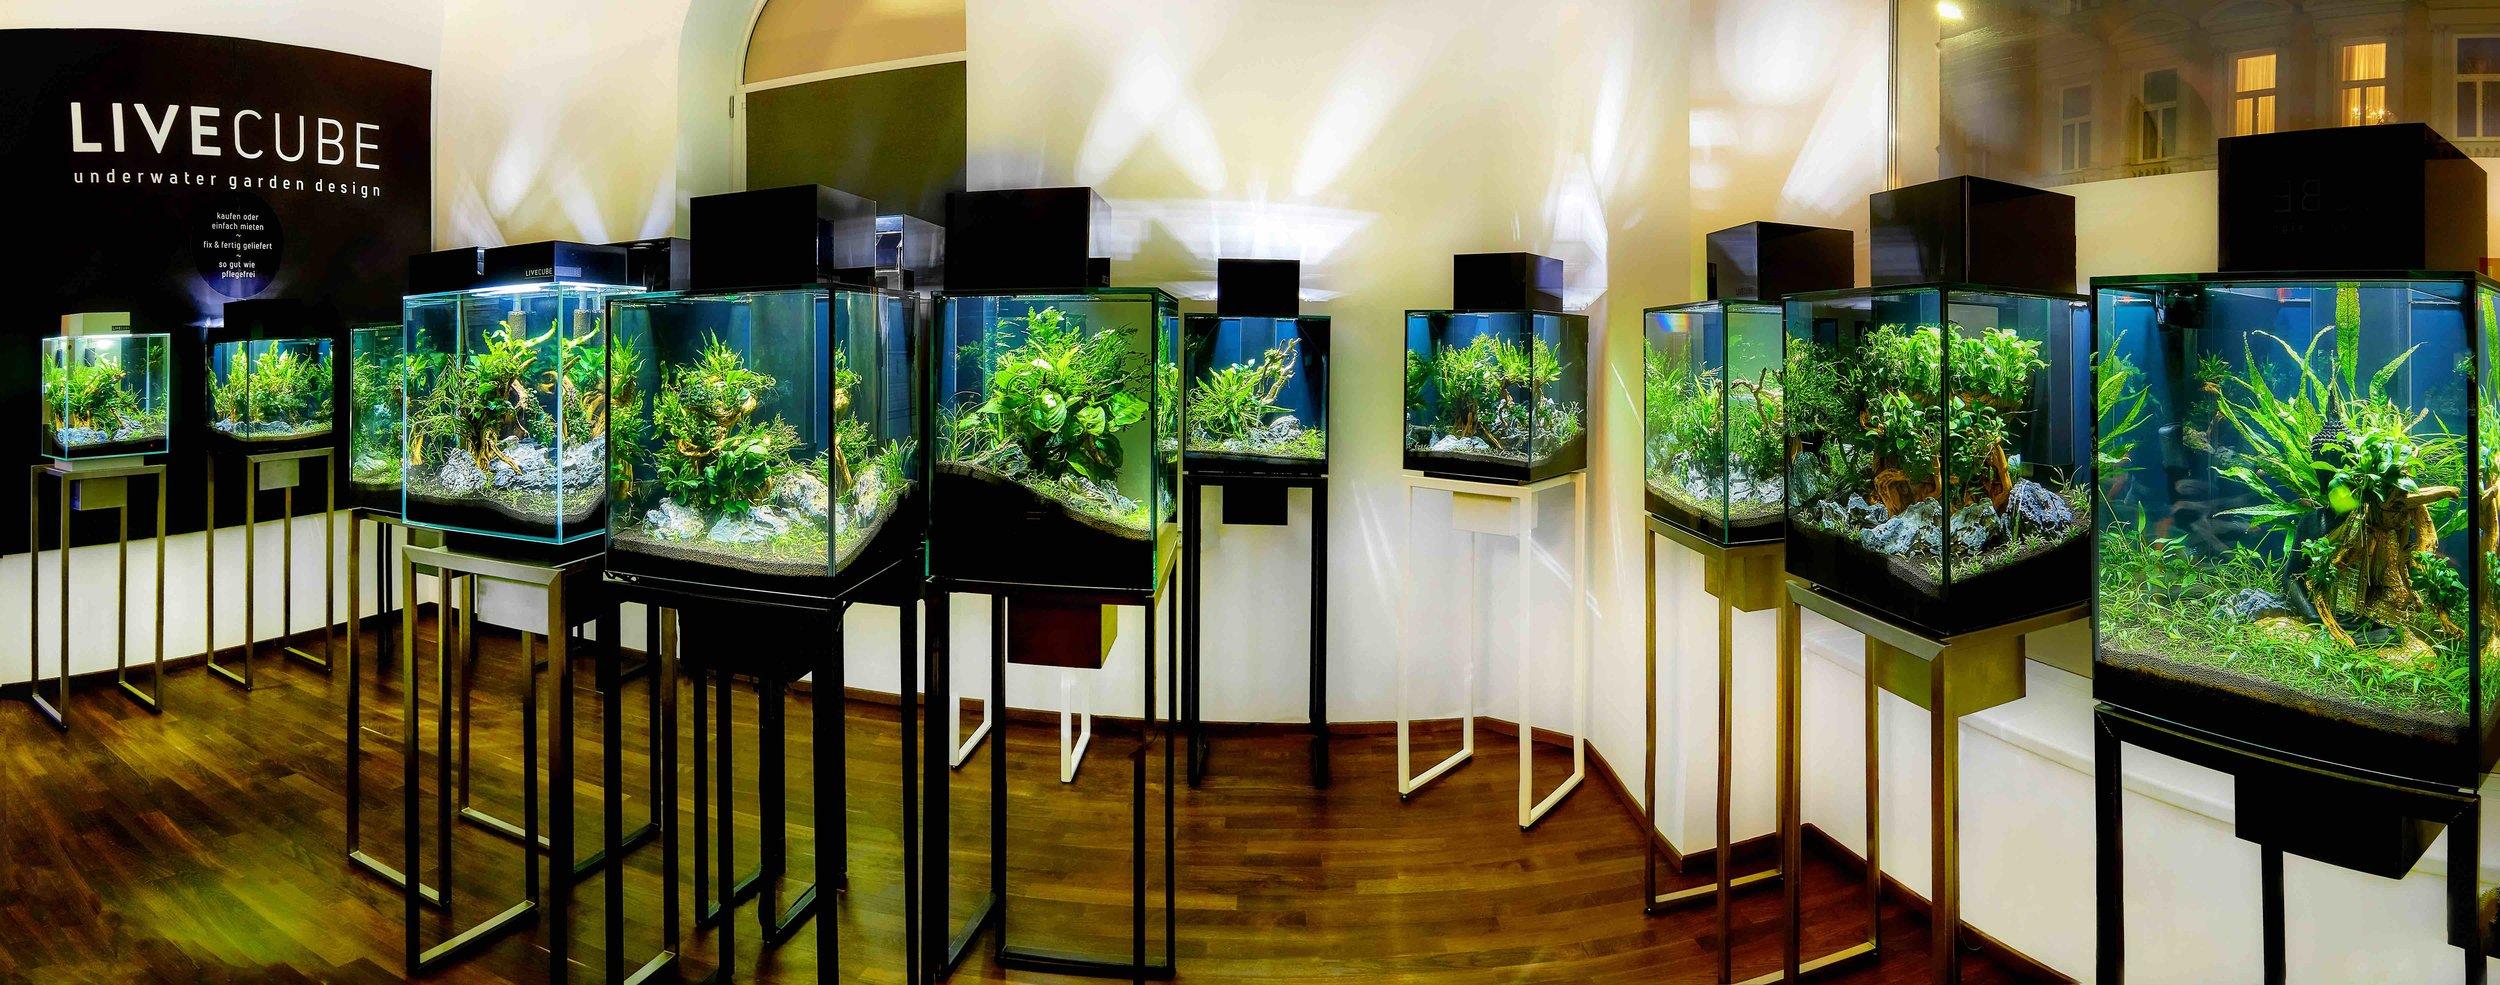 Livecube Galerie Aquarium